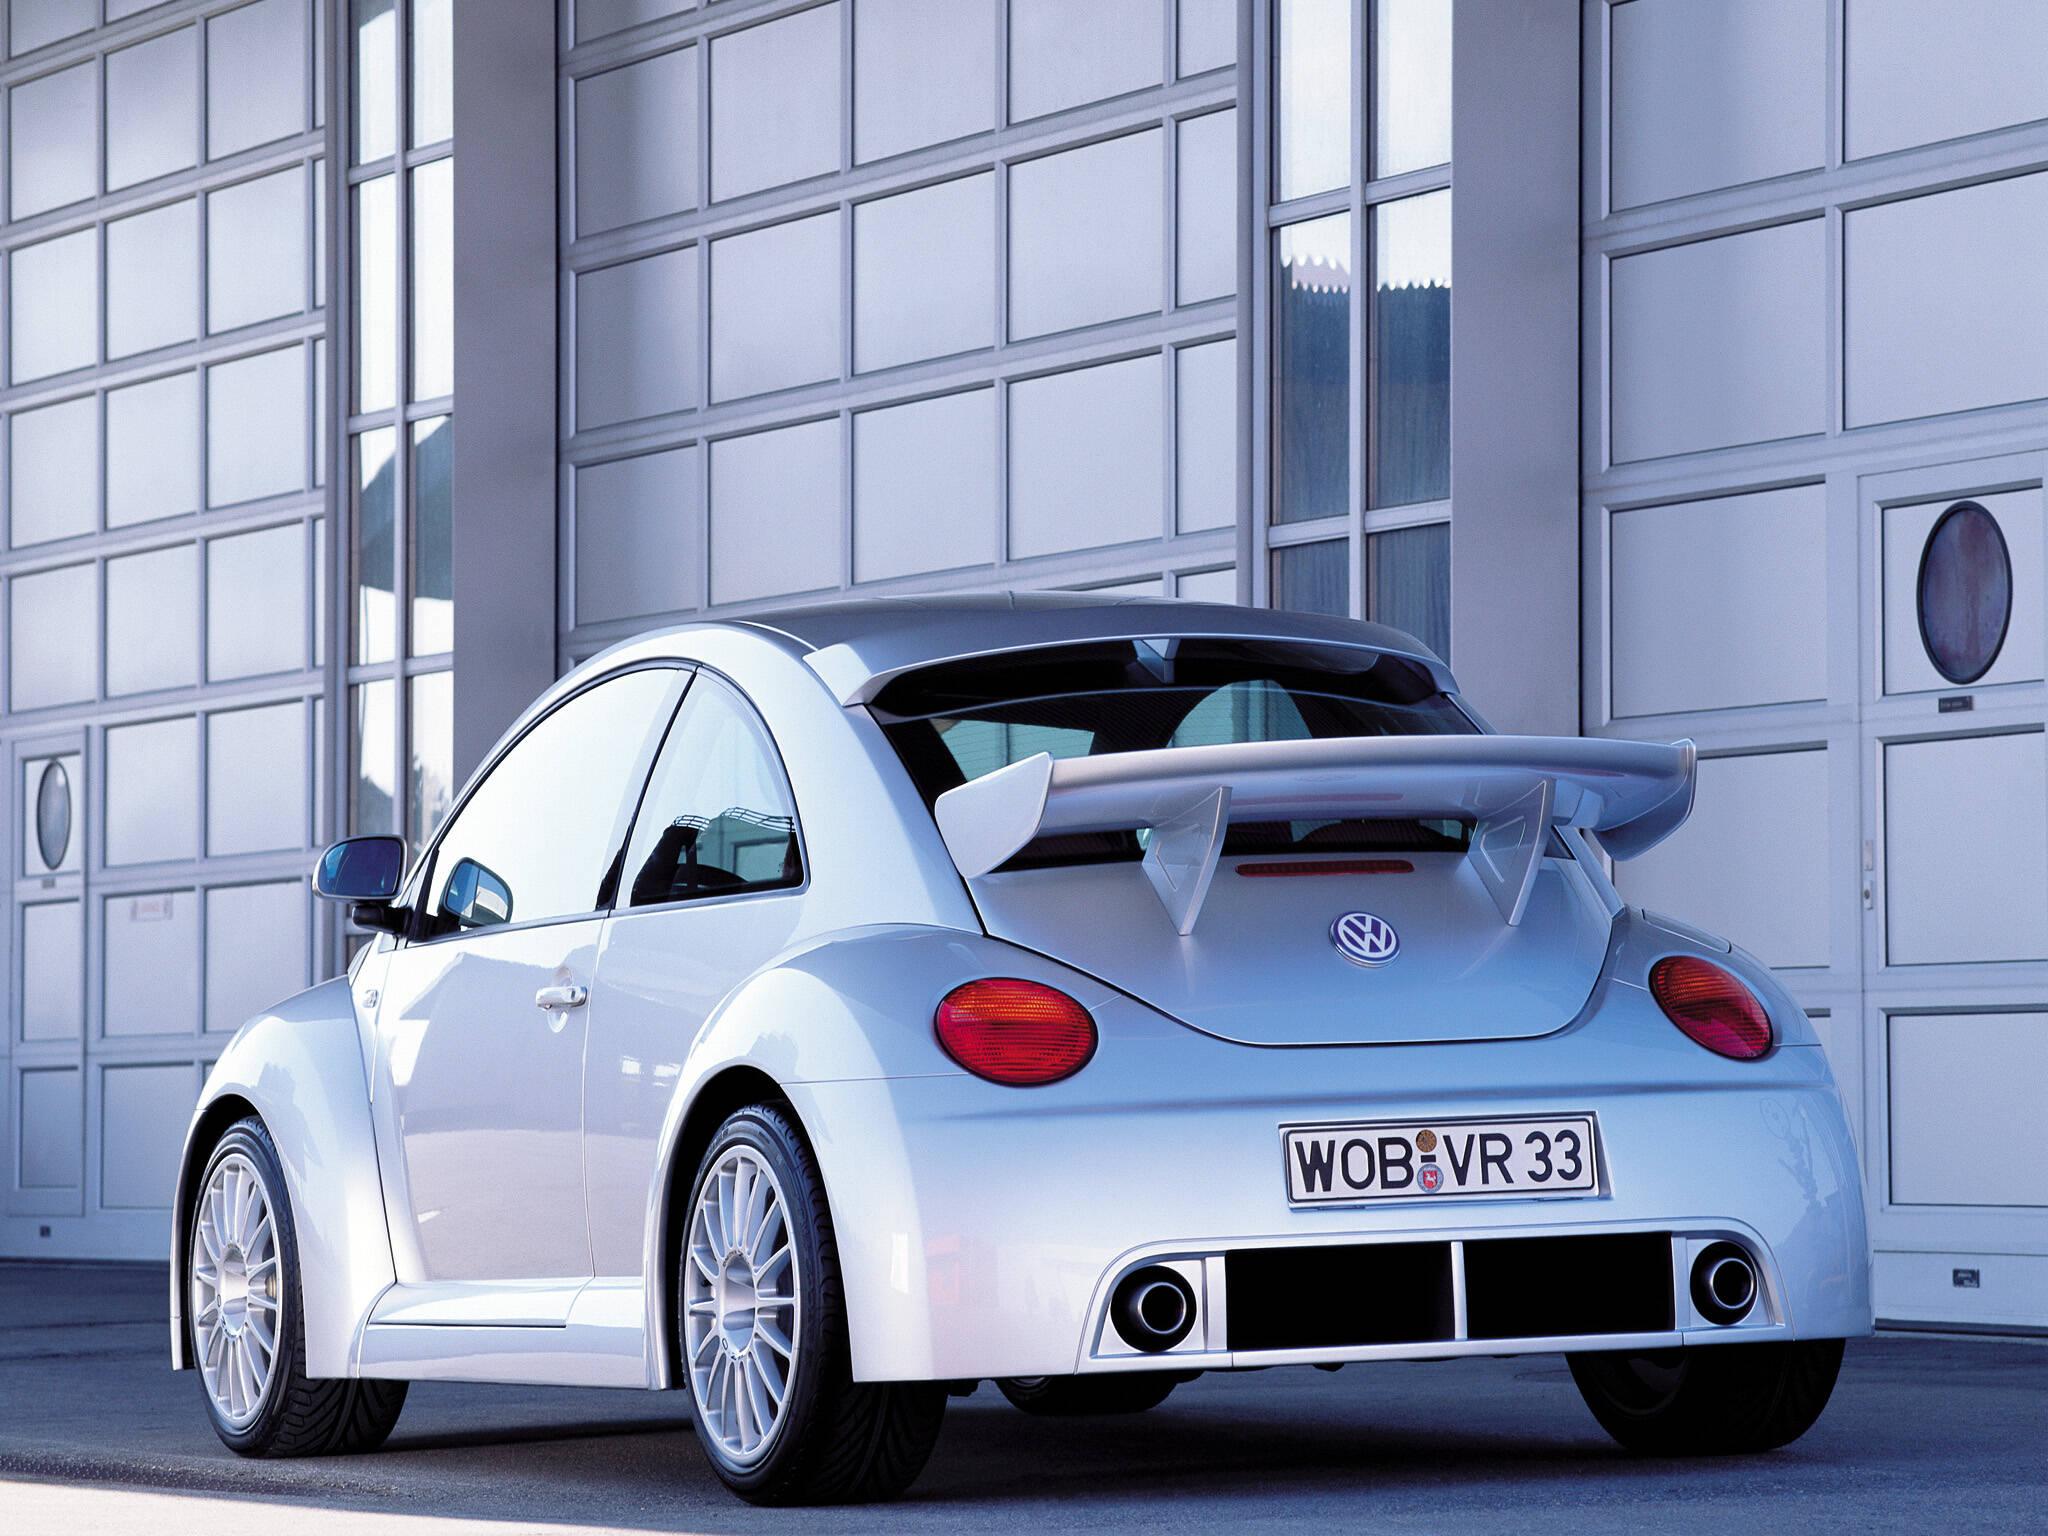 """A carroceria """"wide body"""" da versão RSI levou à loucura entusiastas de modificações e de VW Fusca, no início dos anos 2000. Foto: Divulgação"""